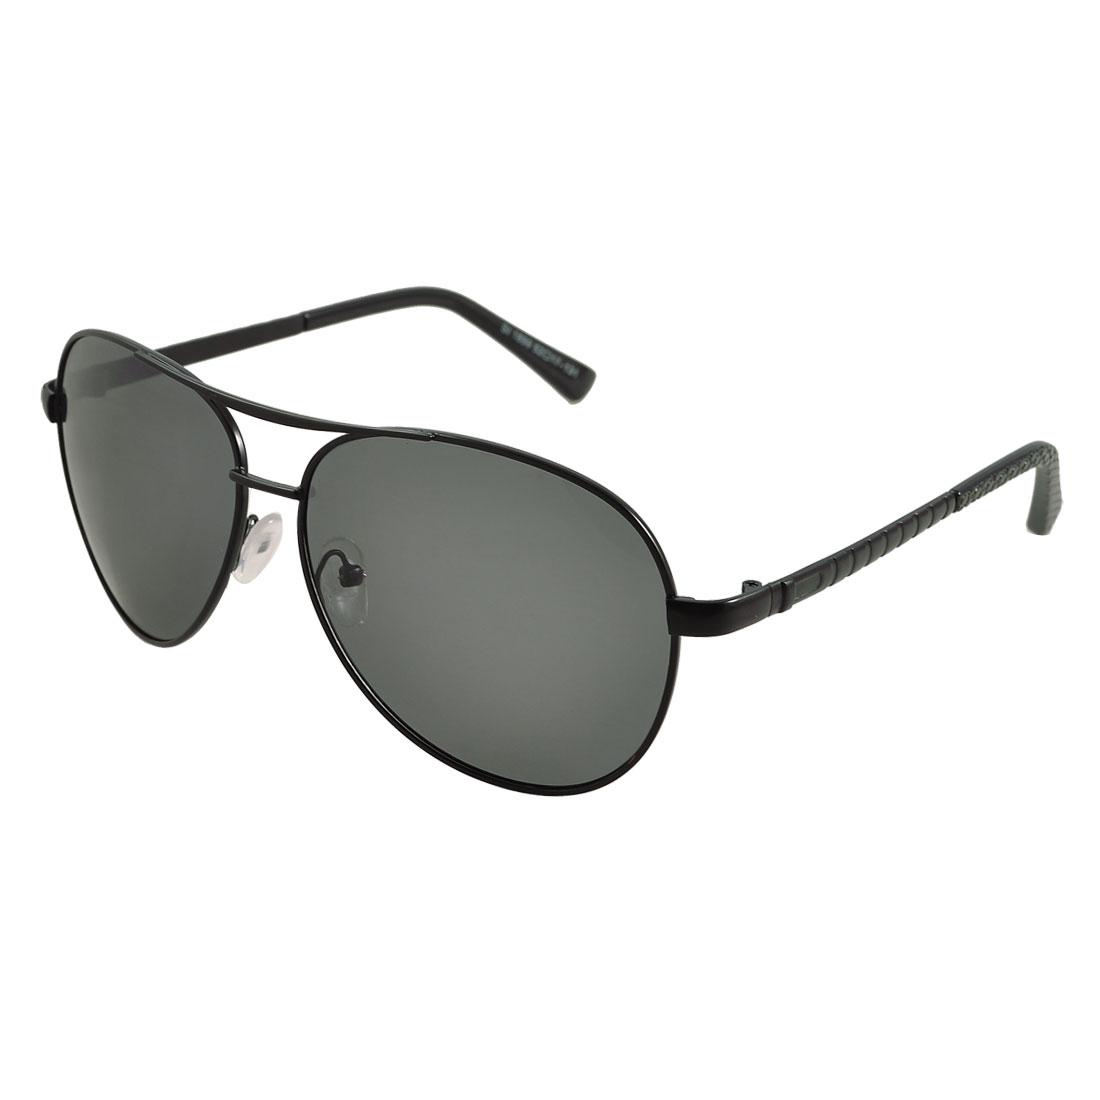 Women Men Black Full Frame Oval Lens Double Bridge Driving Polarized Sunglasses